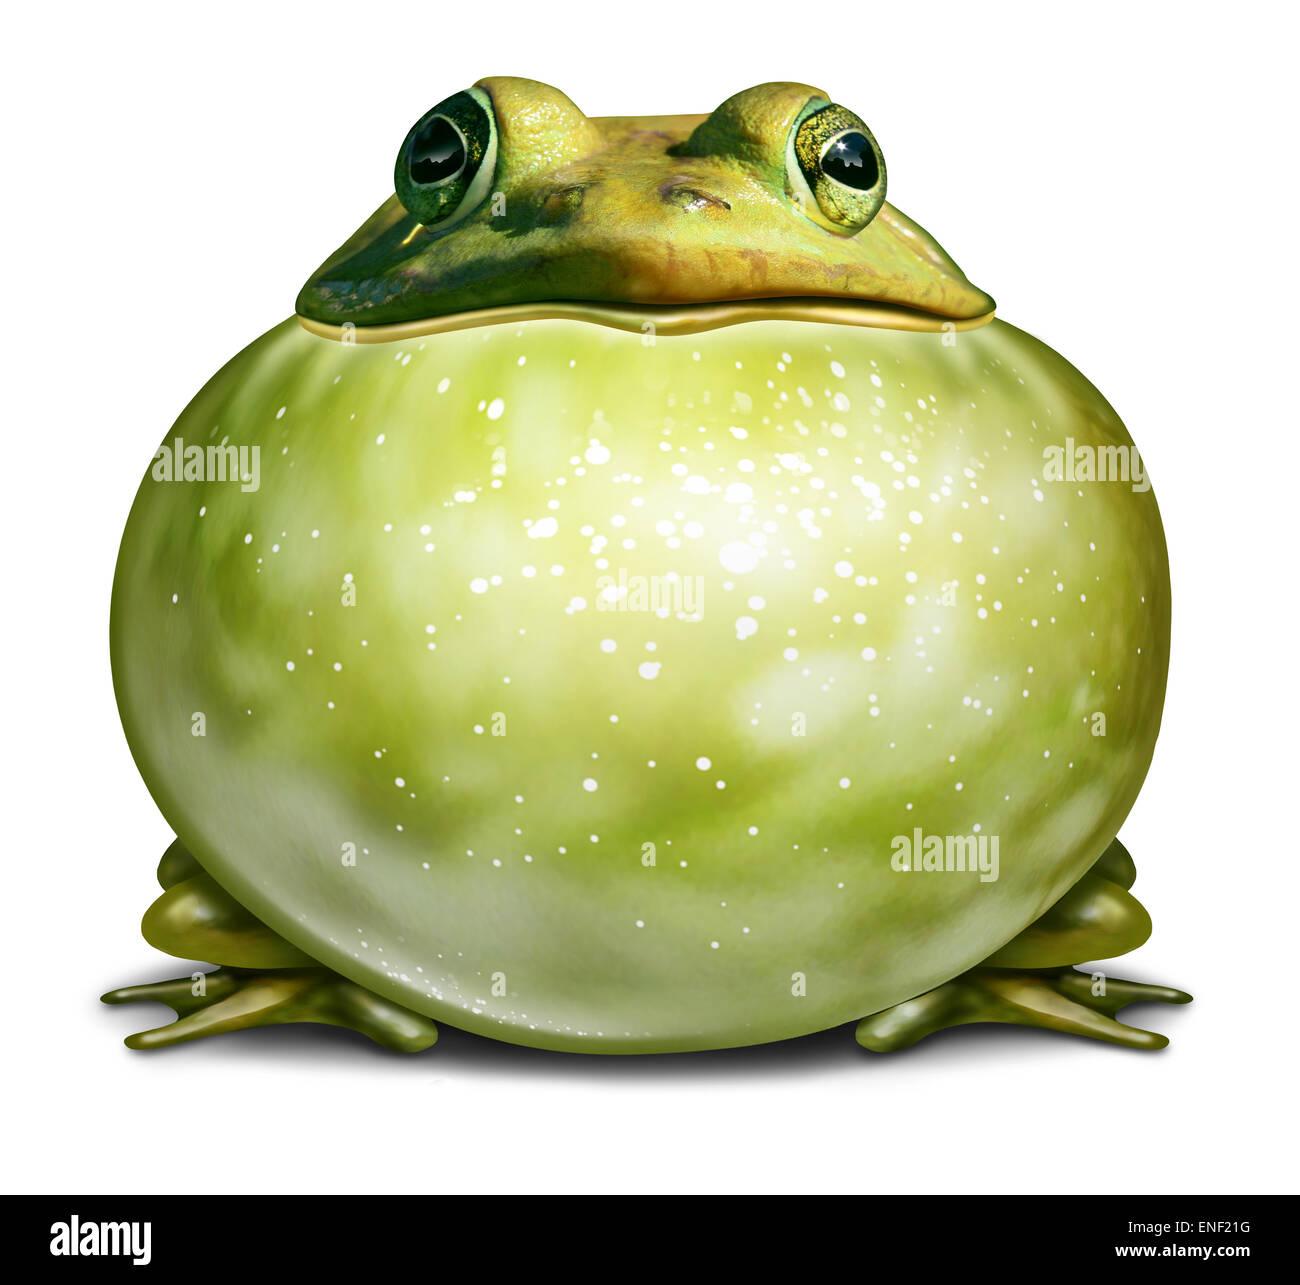 Gesunde Umwelt-Symbol als einen grünen Frosch mit einem aufgeblasenen Kehle als ein ökologisches Konzept Stockbild